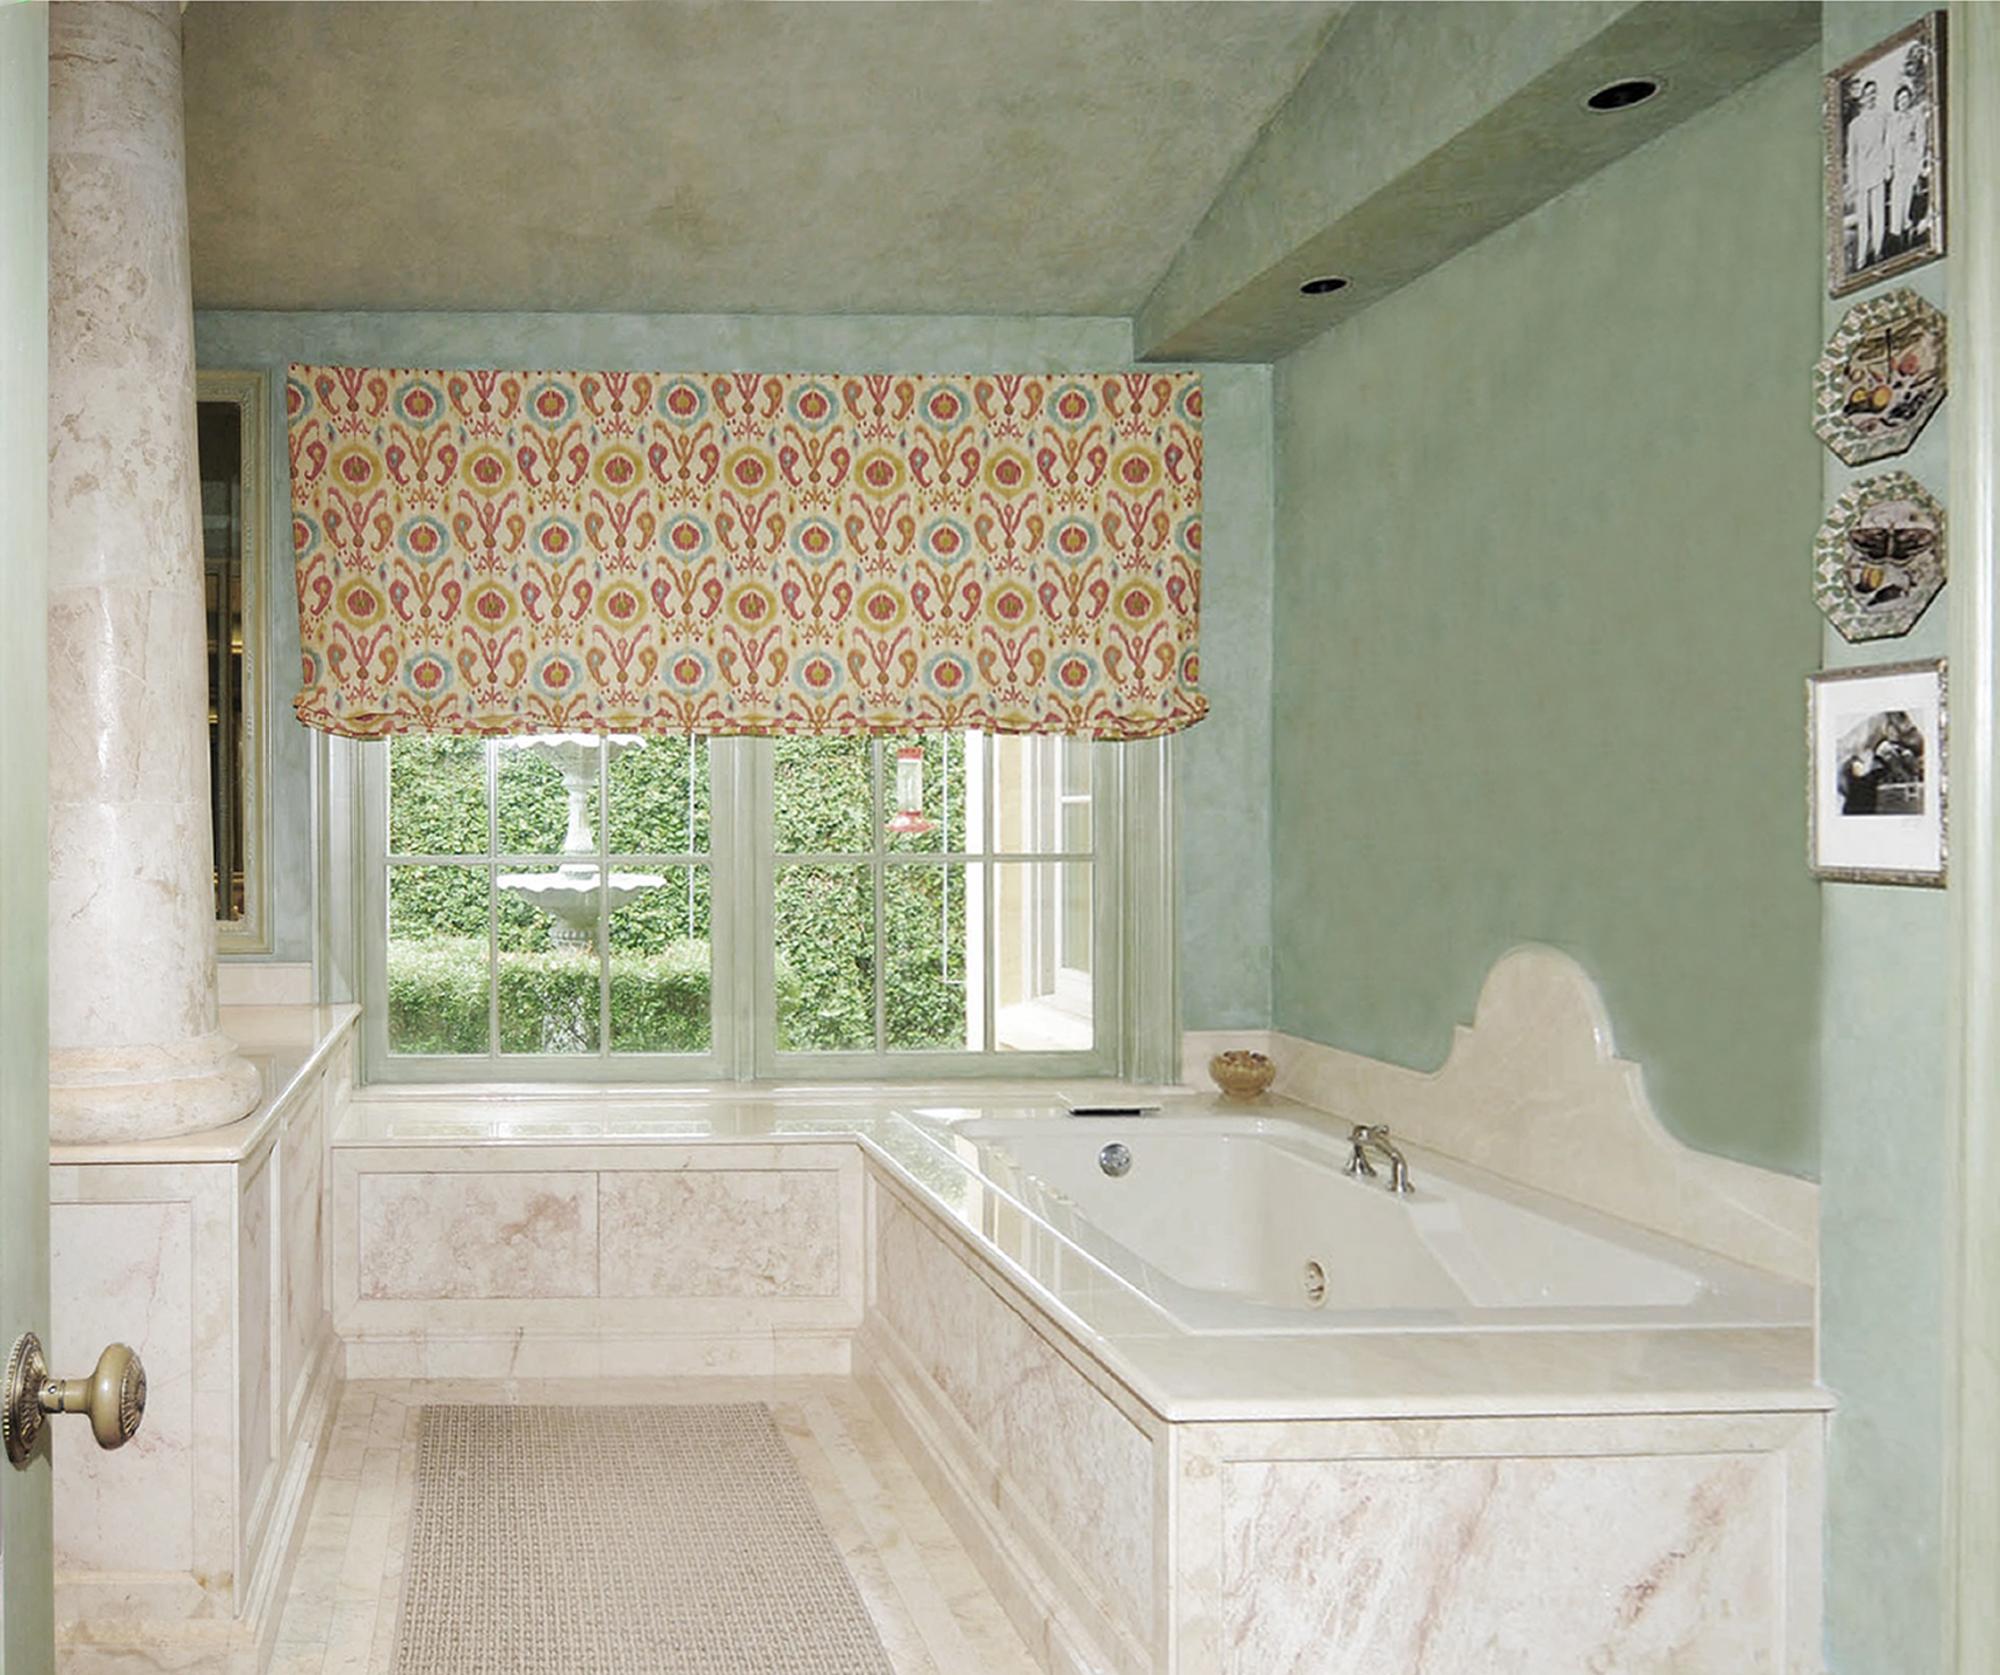 5._Tuscan_Kirtland_Bath_2000x1675_Edit024.jpg